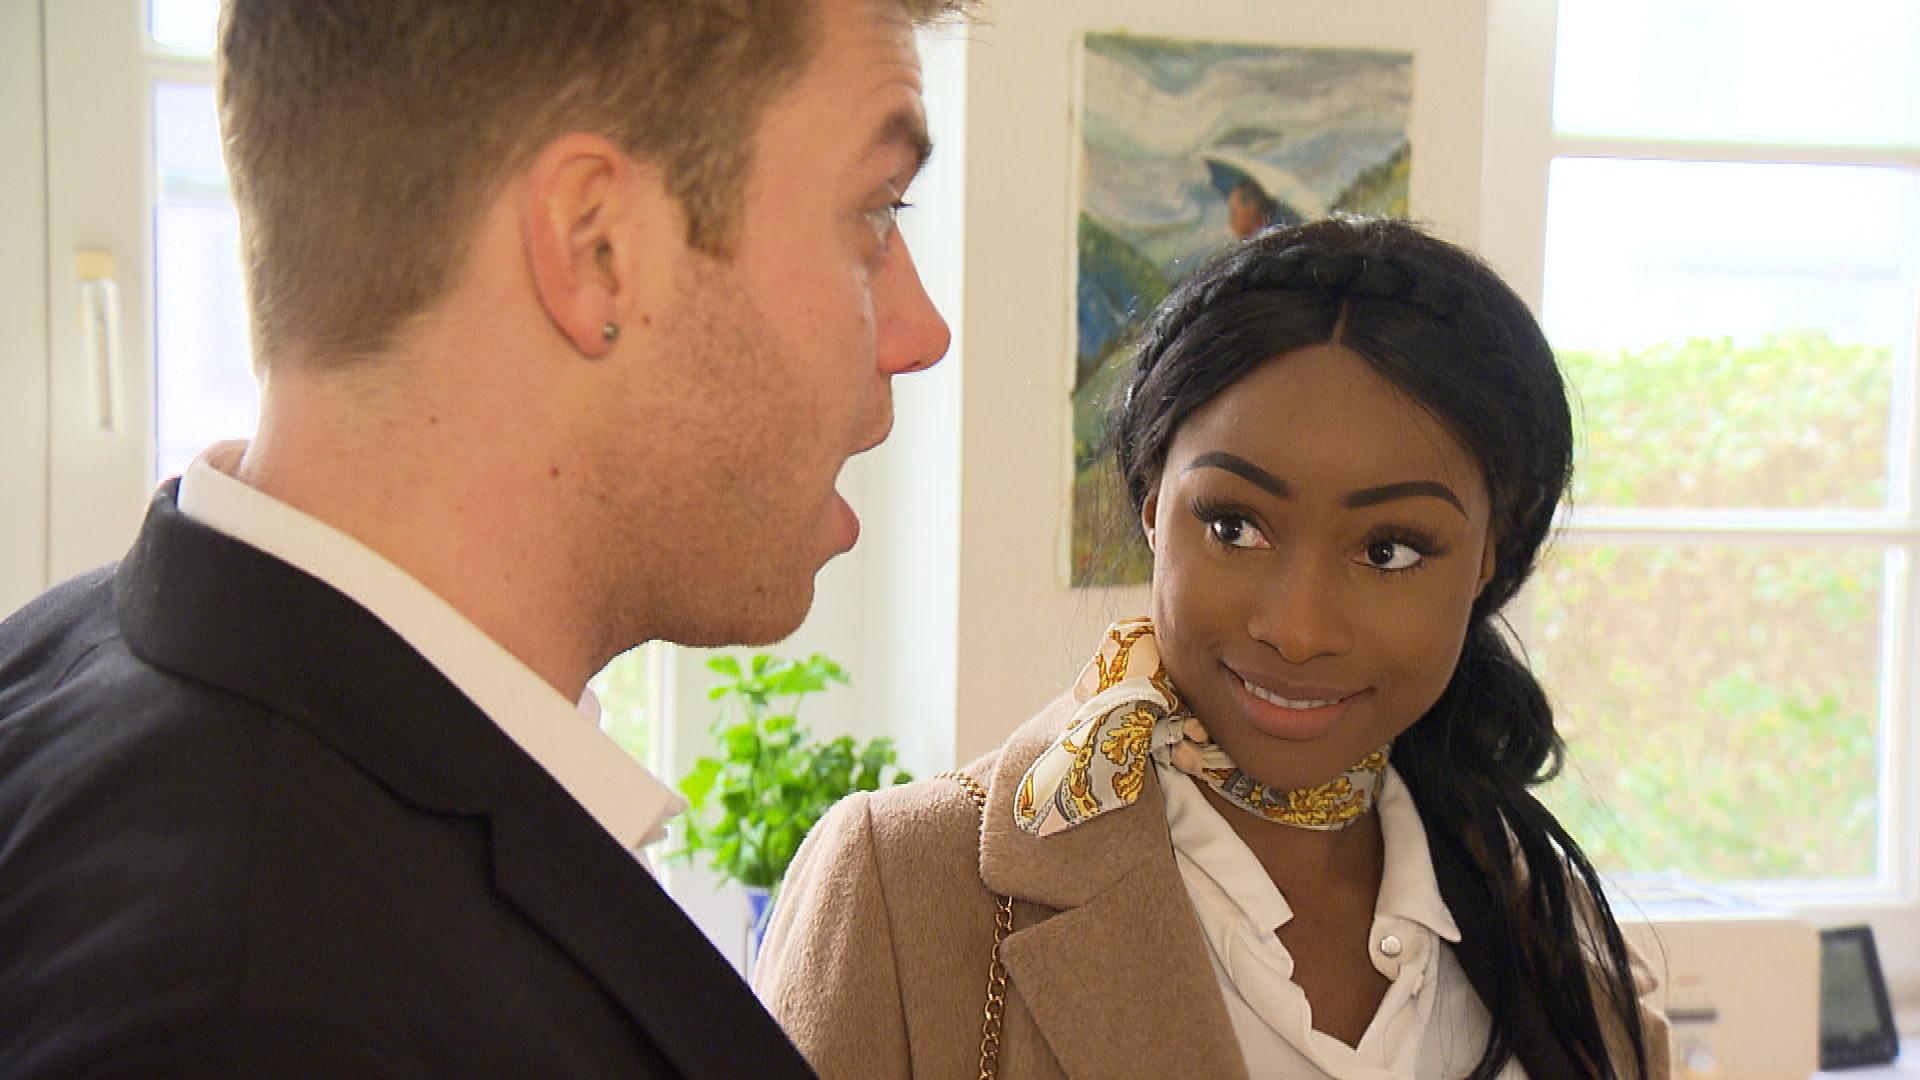 Michelle hat eine Immobilienanzeige ins Auge gefasst, bei der ausdrücklich Pärchen erwünscht sind. Da das Haus perfekt für die WG wäre, beschließen sie und Felix, bei der Besichtigung das gut betuchte Pärchen zu mimen, um die Chance auf das Haus zu erhöhen. (Quelle: RTL 2)